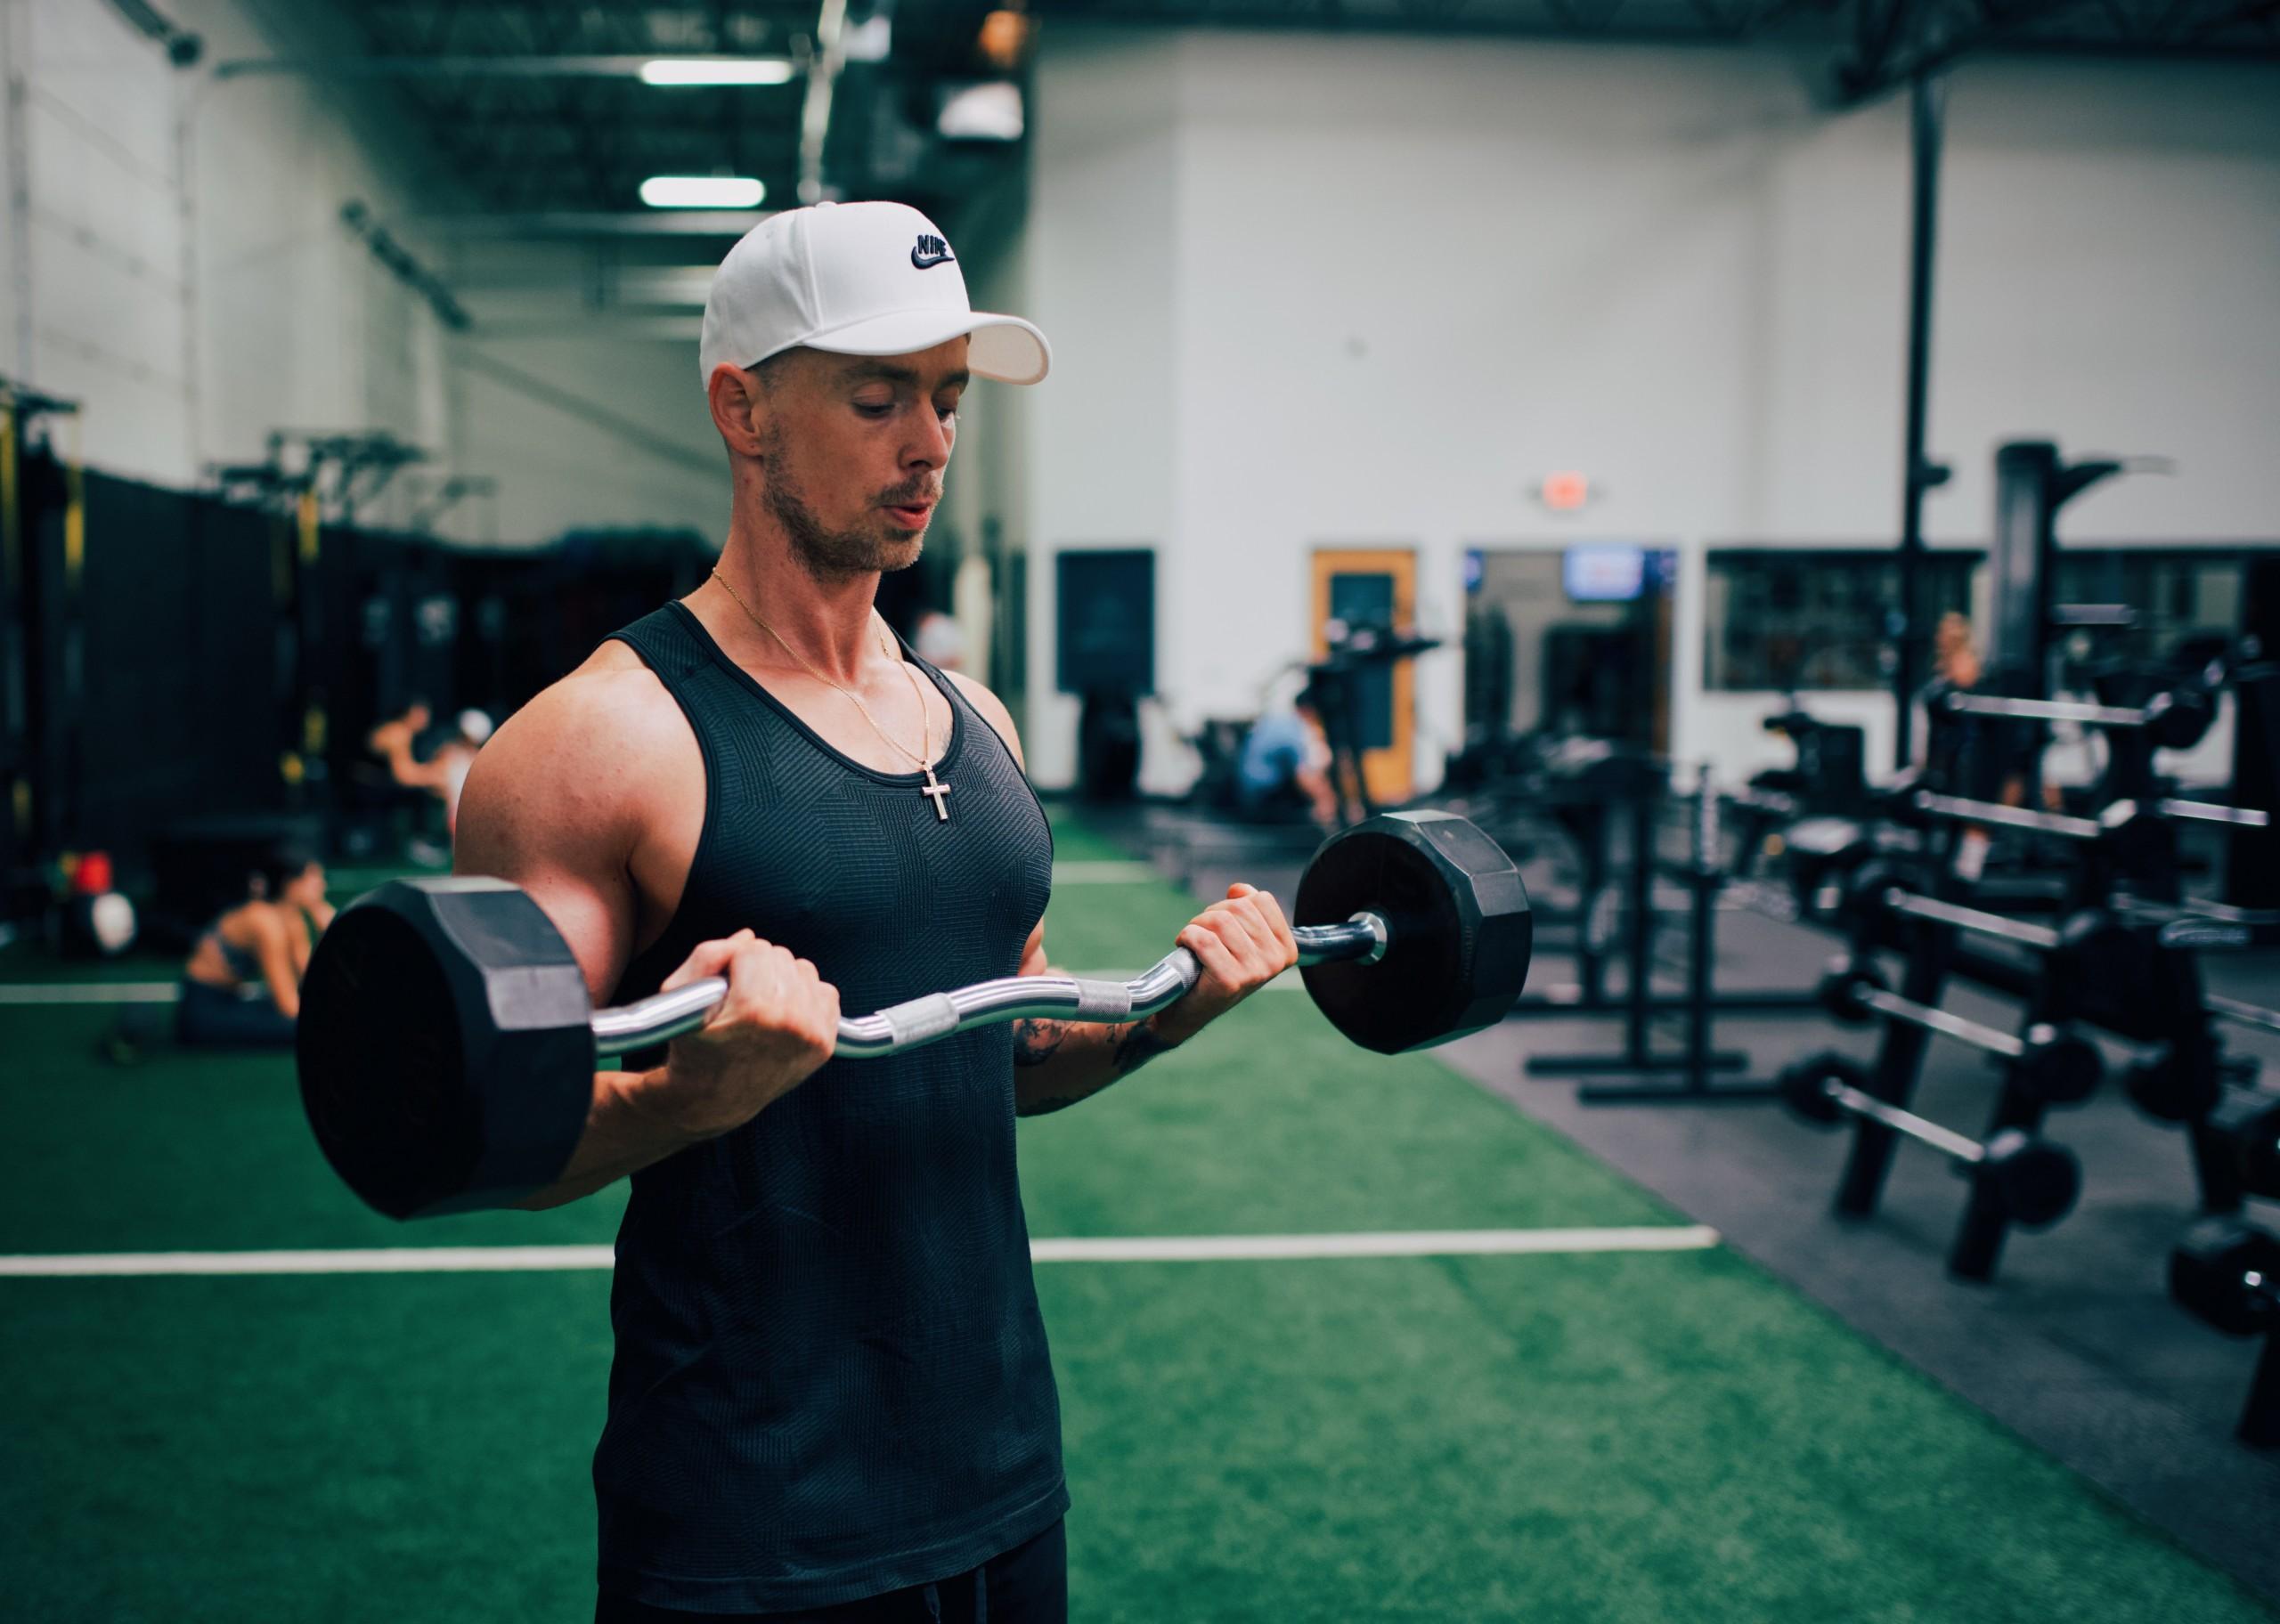 ジムトレーナー直伝】上腕二頭筋を鍛える筋トレ12選!効率良いトレーニング方法も解説 | RETIO BODY DESIGN